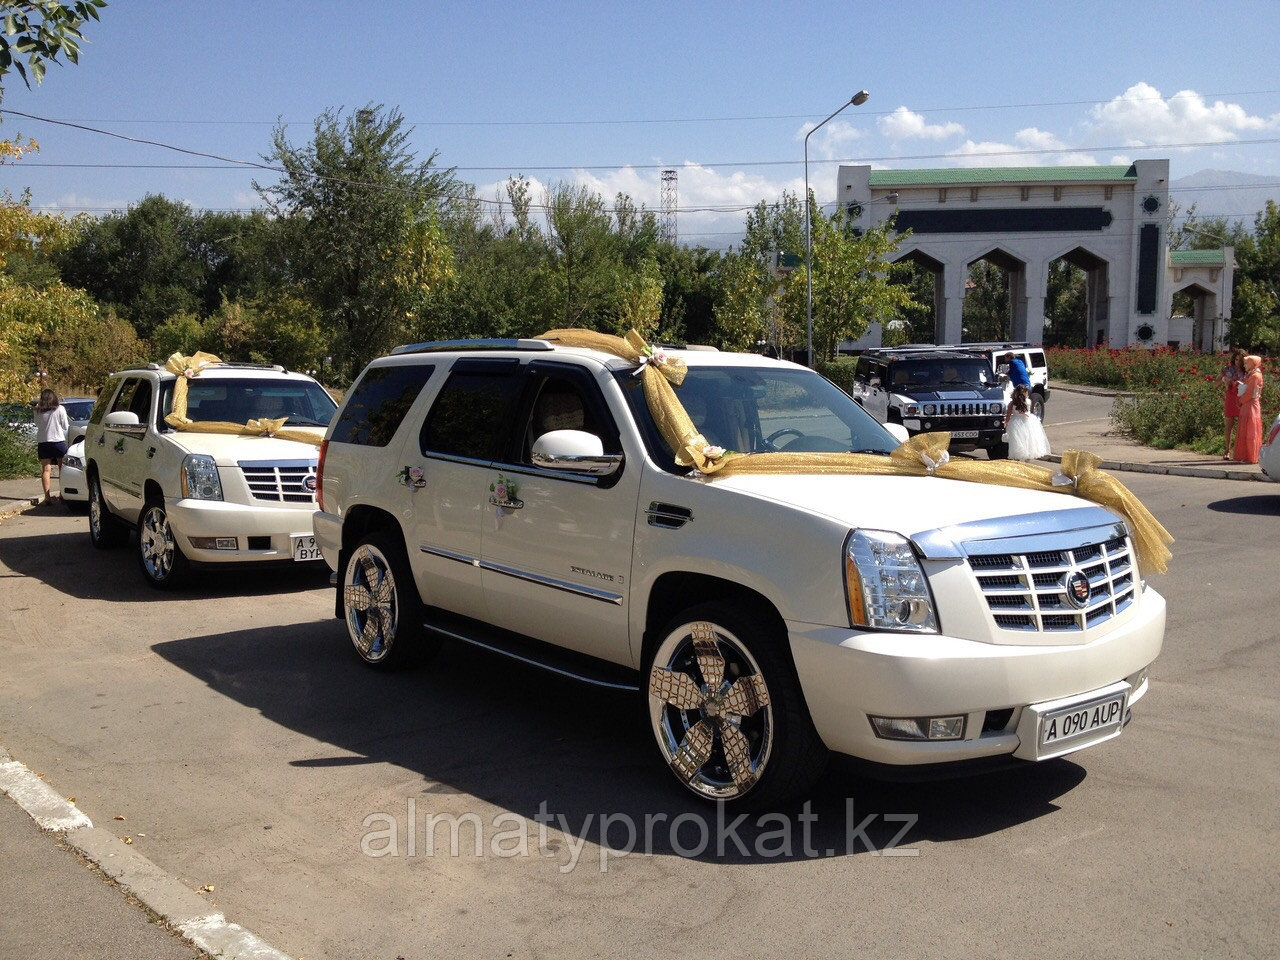 Прокат/аренда джипа Cadillac Escalade (Кадиллак Эскалейд)